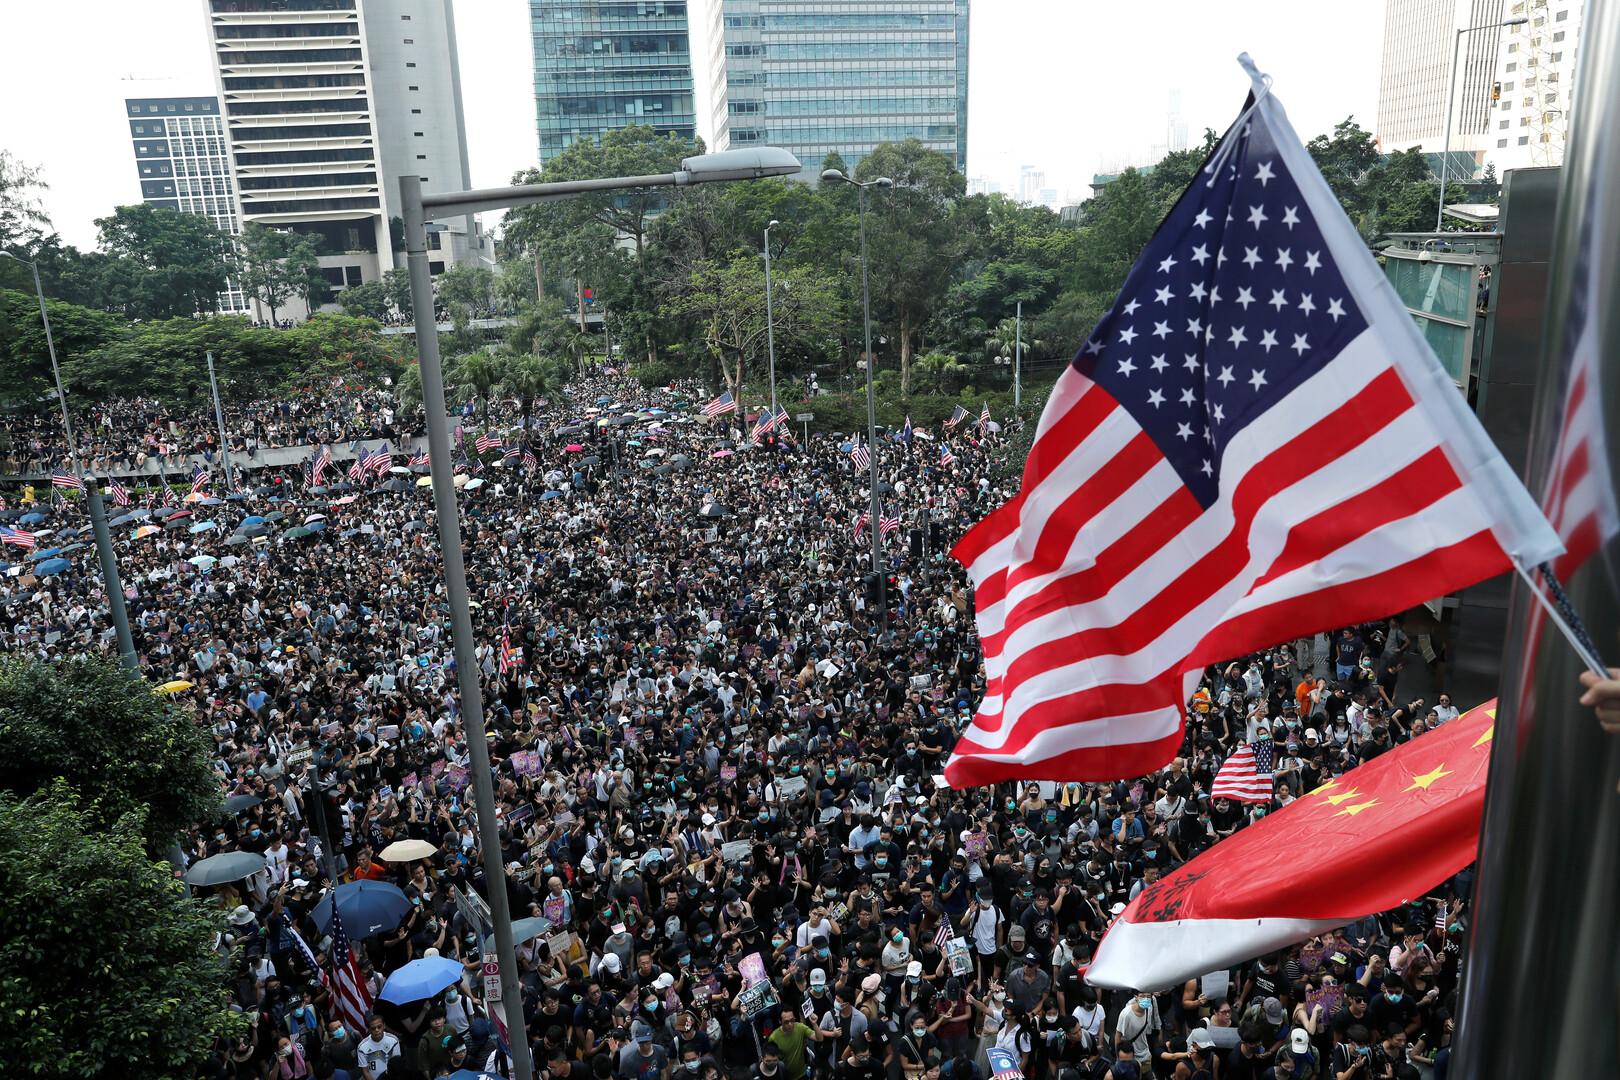 محاولة انقلاب في الولايات المتحدة؟